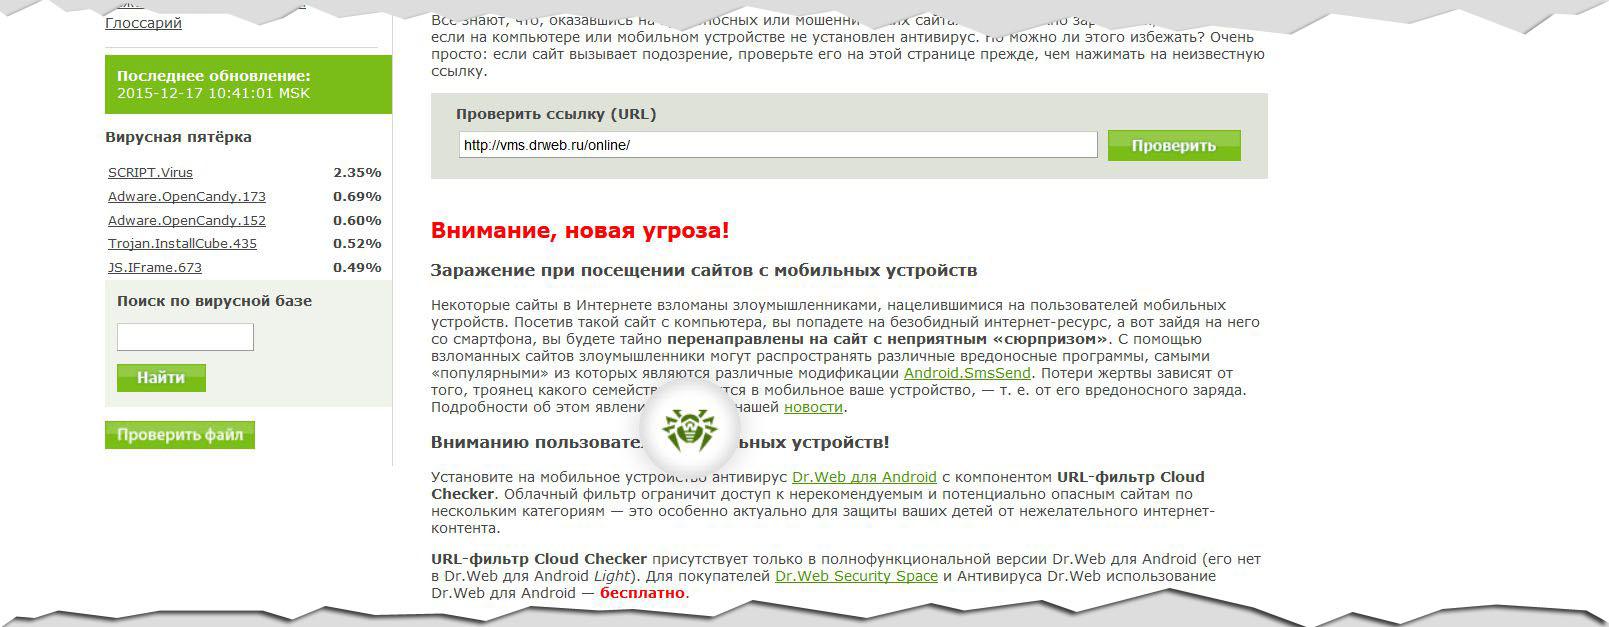 Исследование интернет ссылок на безопасность антивирусом Dr.Web онлайн